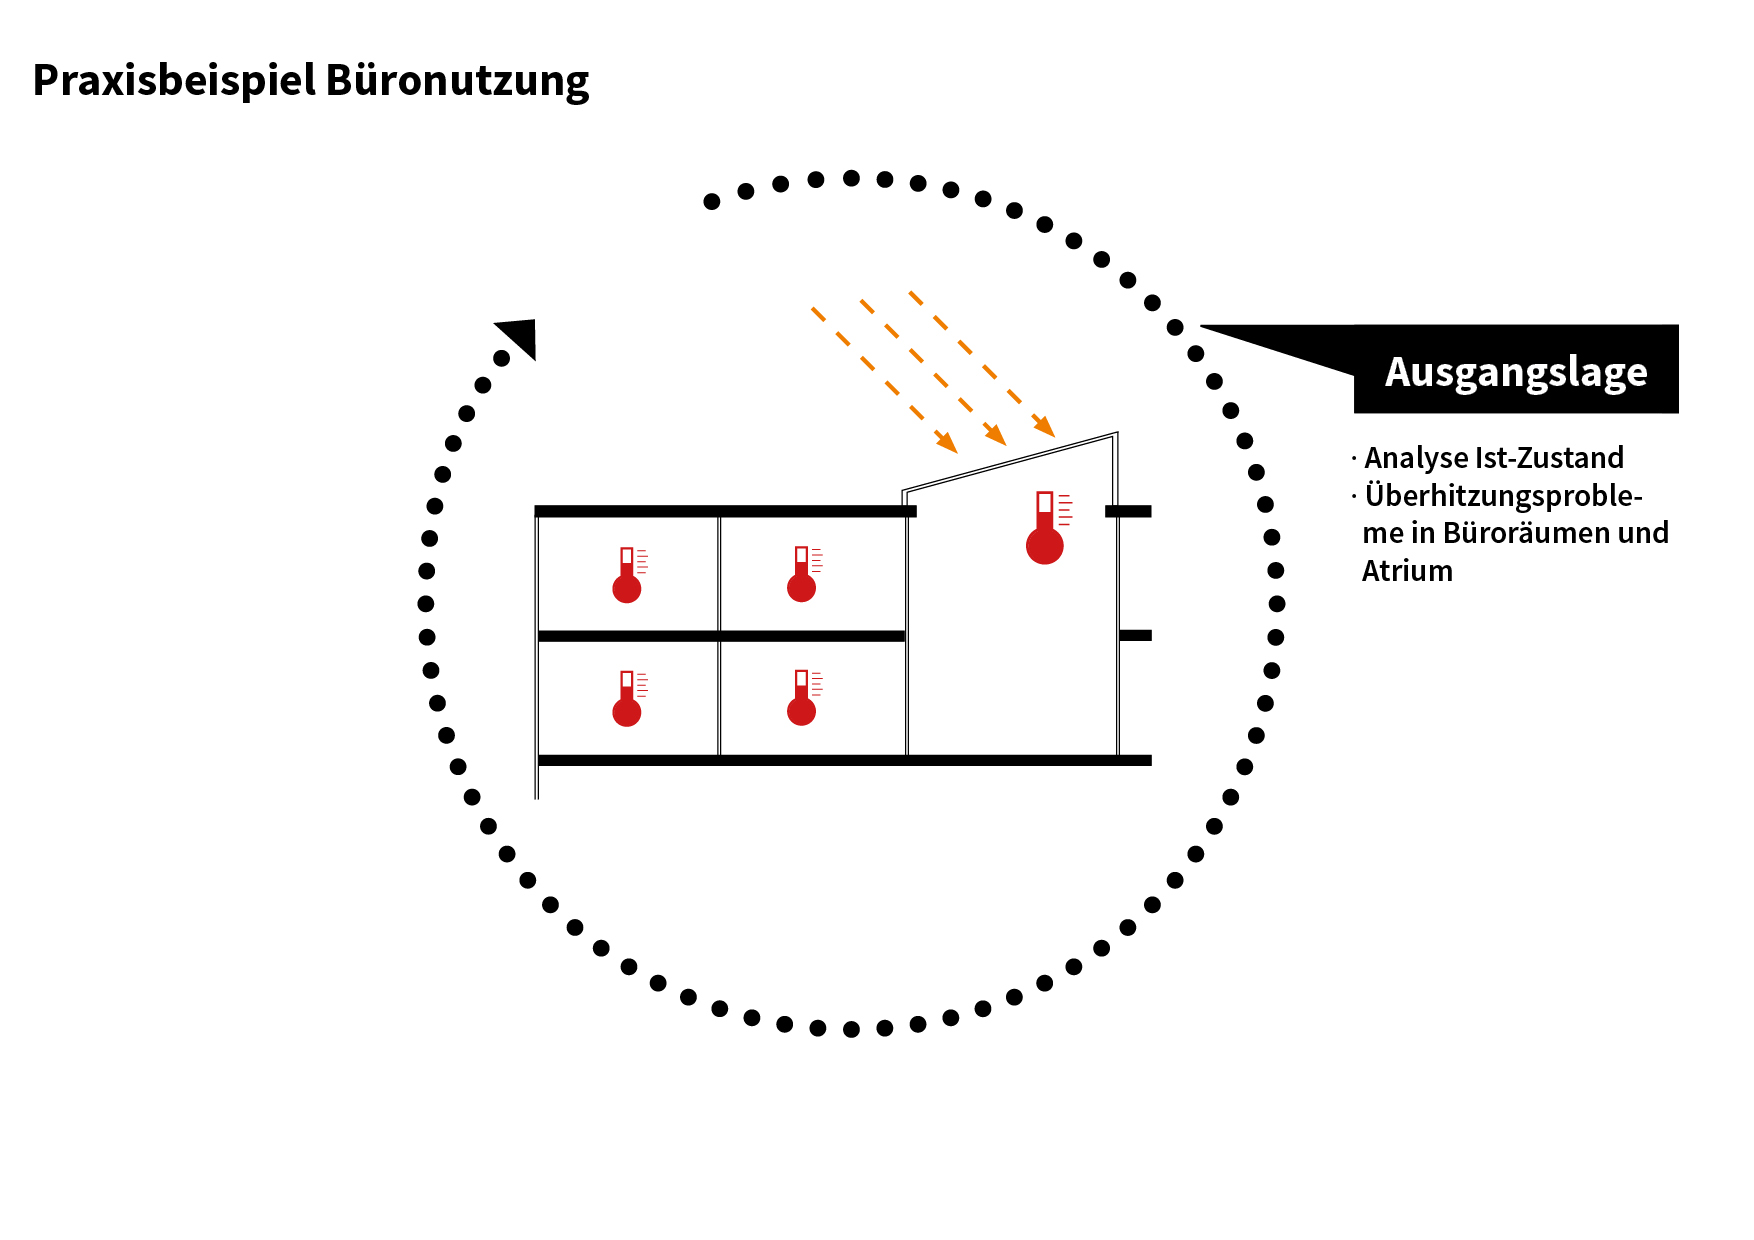 Praxisbeispiel_CKW_Reussbühl_Phase1.jpg